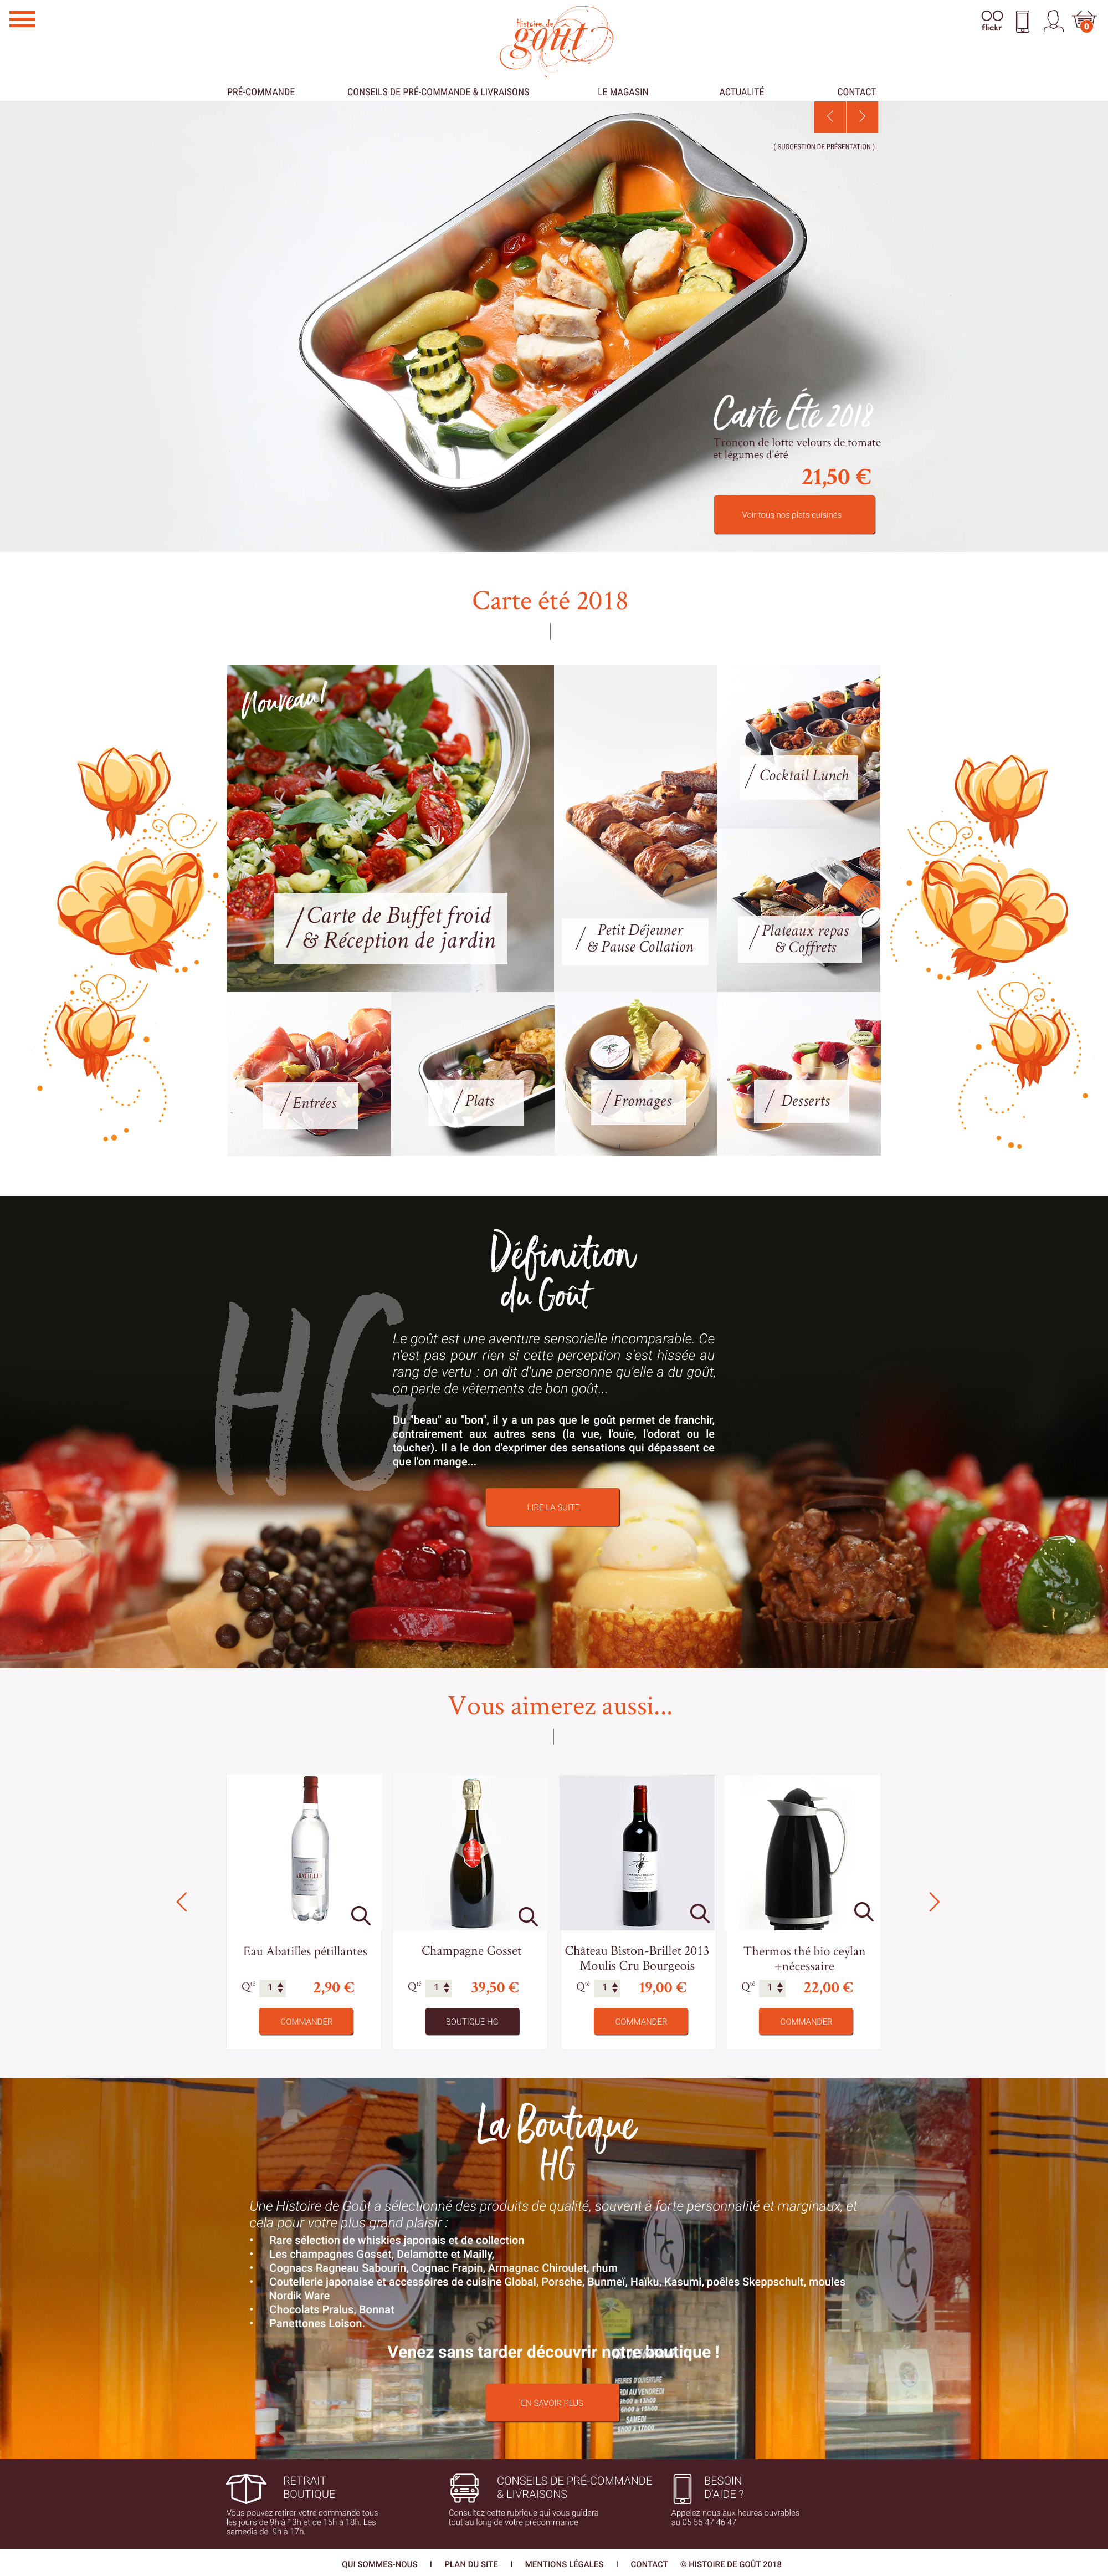 Une Histoire de Goût : gastronomie, Traiteur, épicerie fine. Une histoire de gout est situé à Mérignac, 136 avenue de Saint-Médard,  proche de Bordeaux.